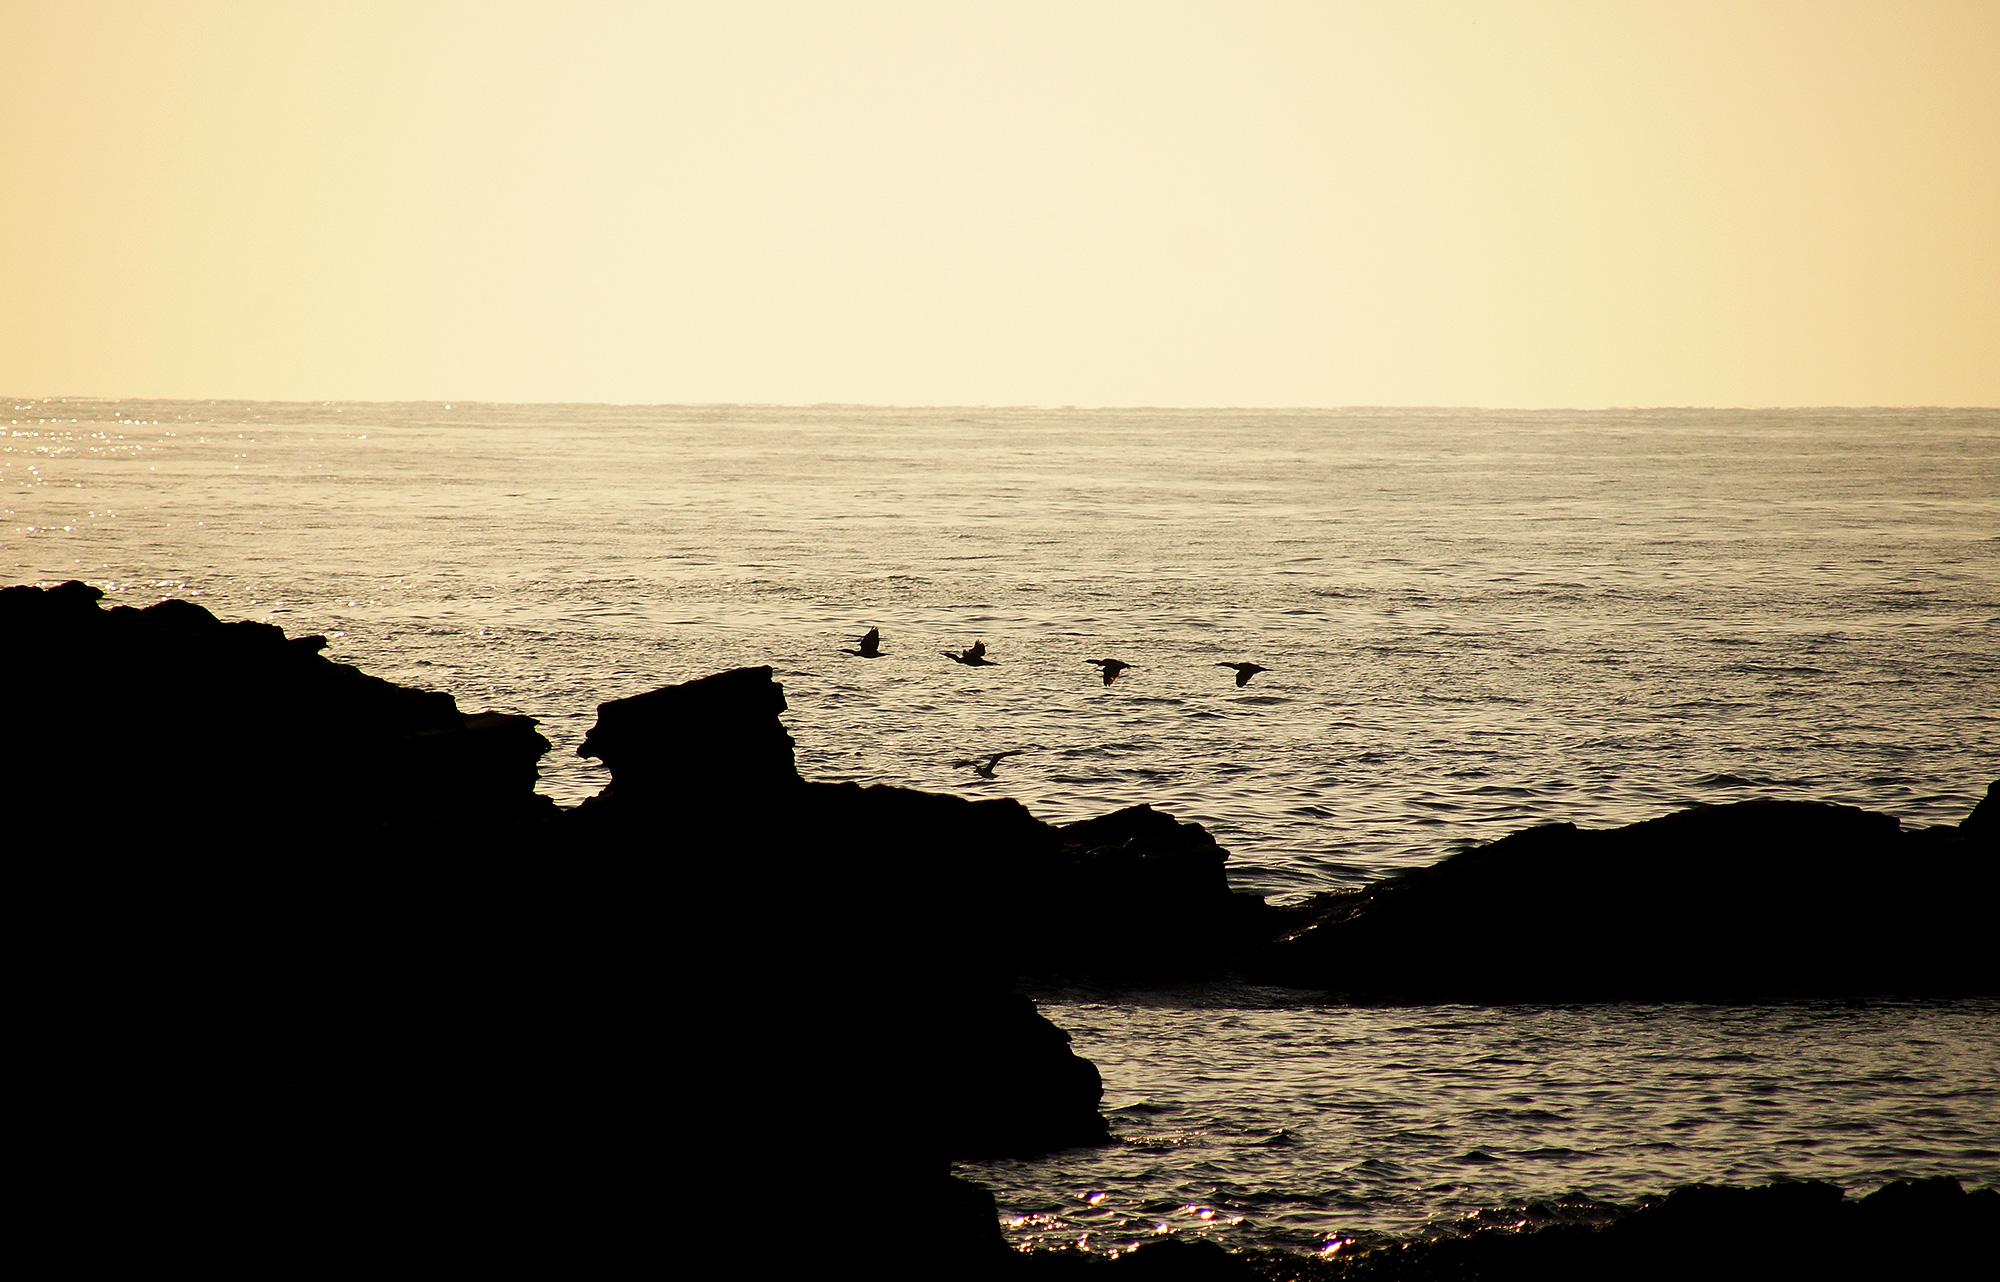 渡り鳥のフリー写真素材